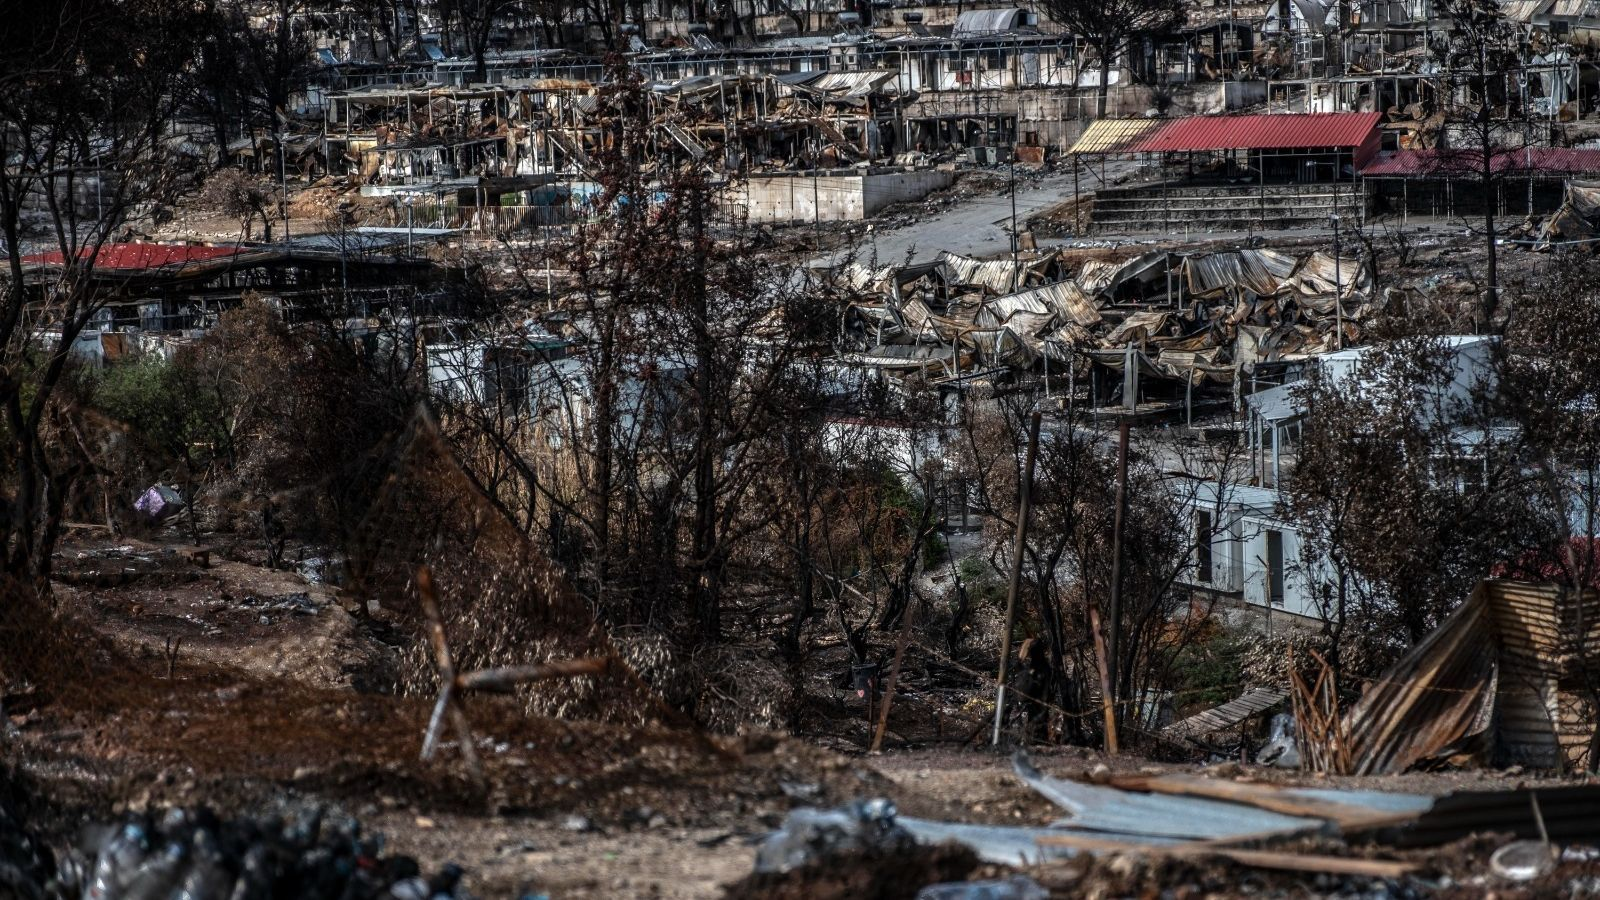 El camp de Mória tal com ha quedat, completament cremat